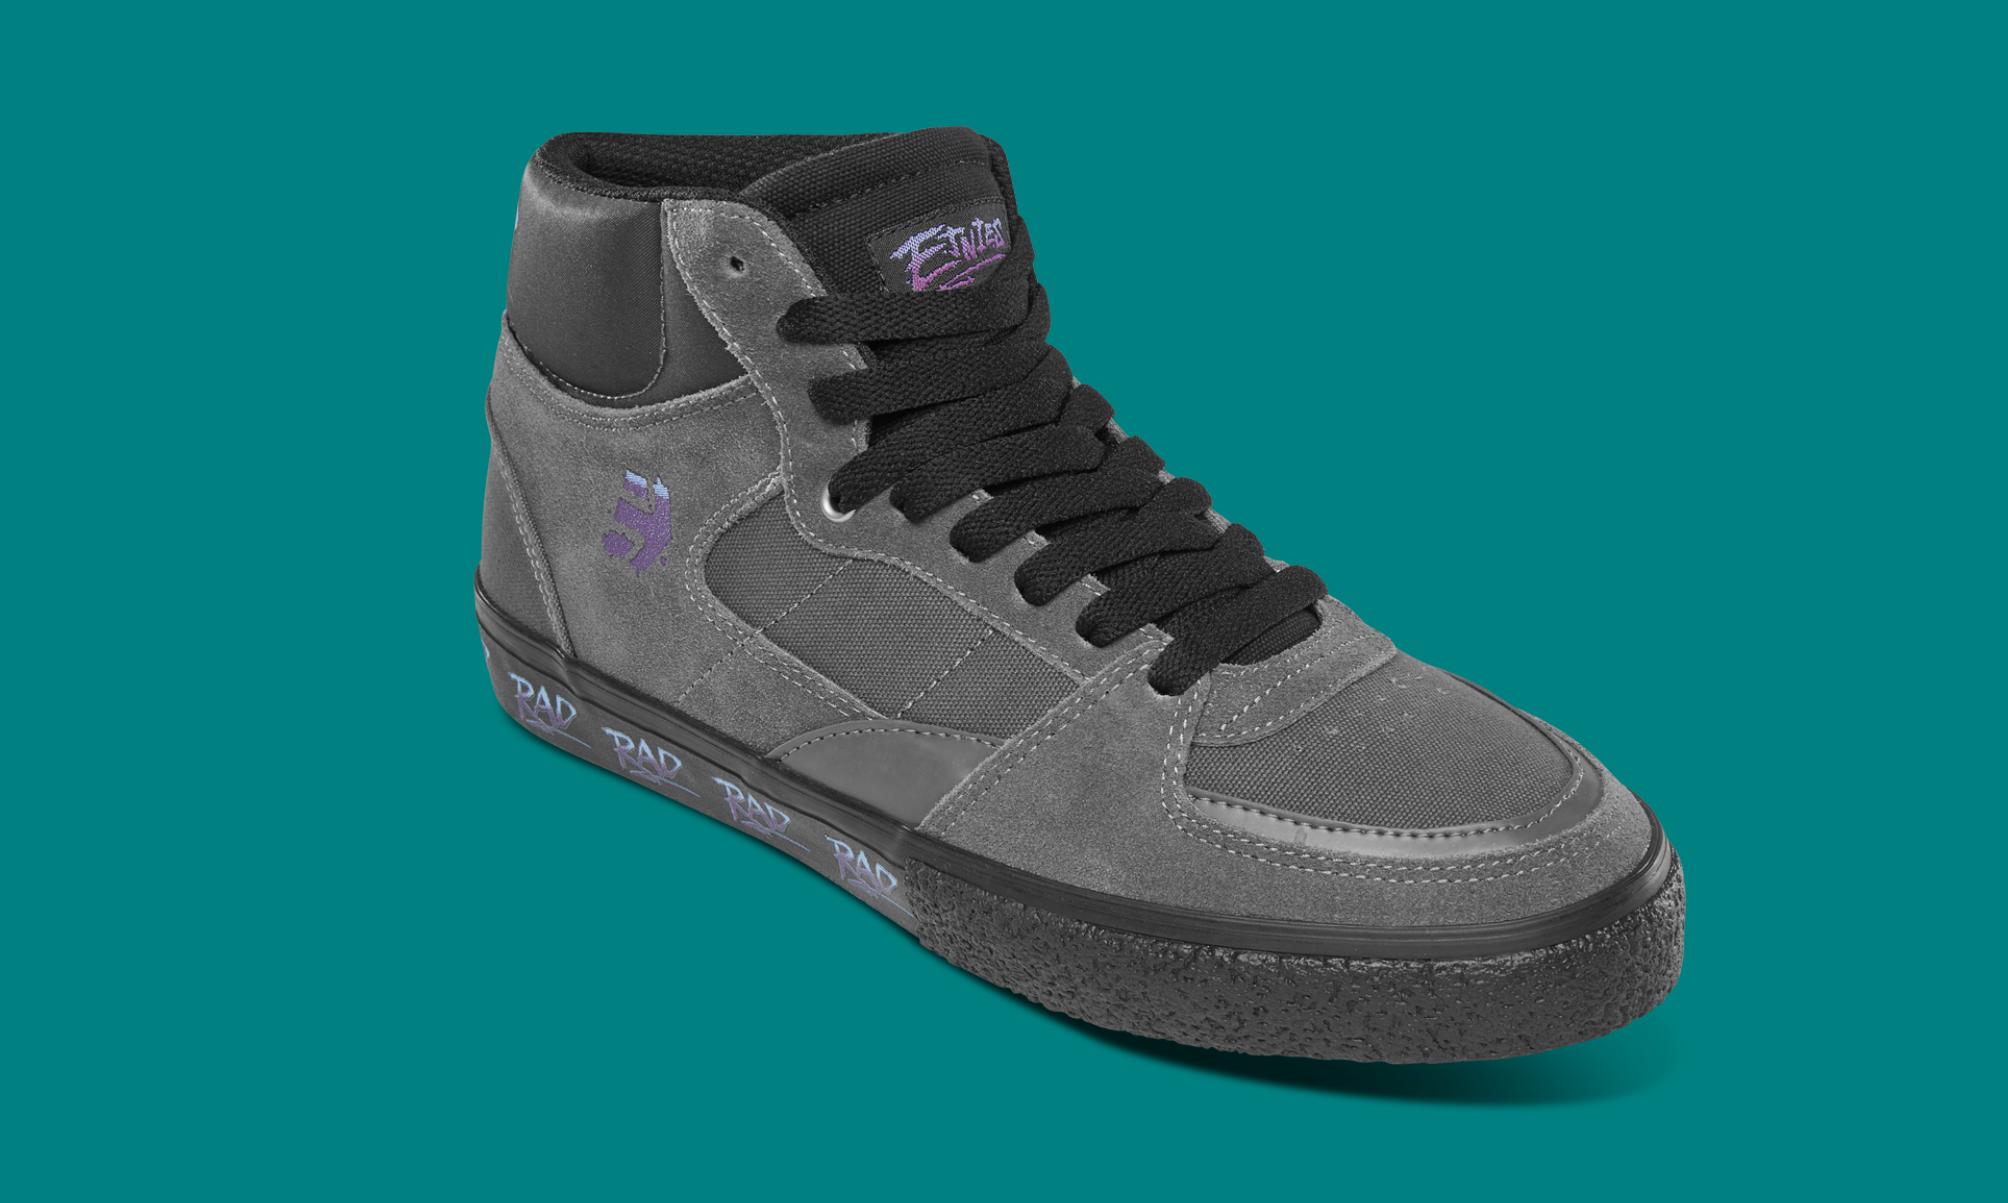 rad etnies sneakers